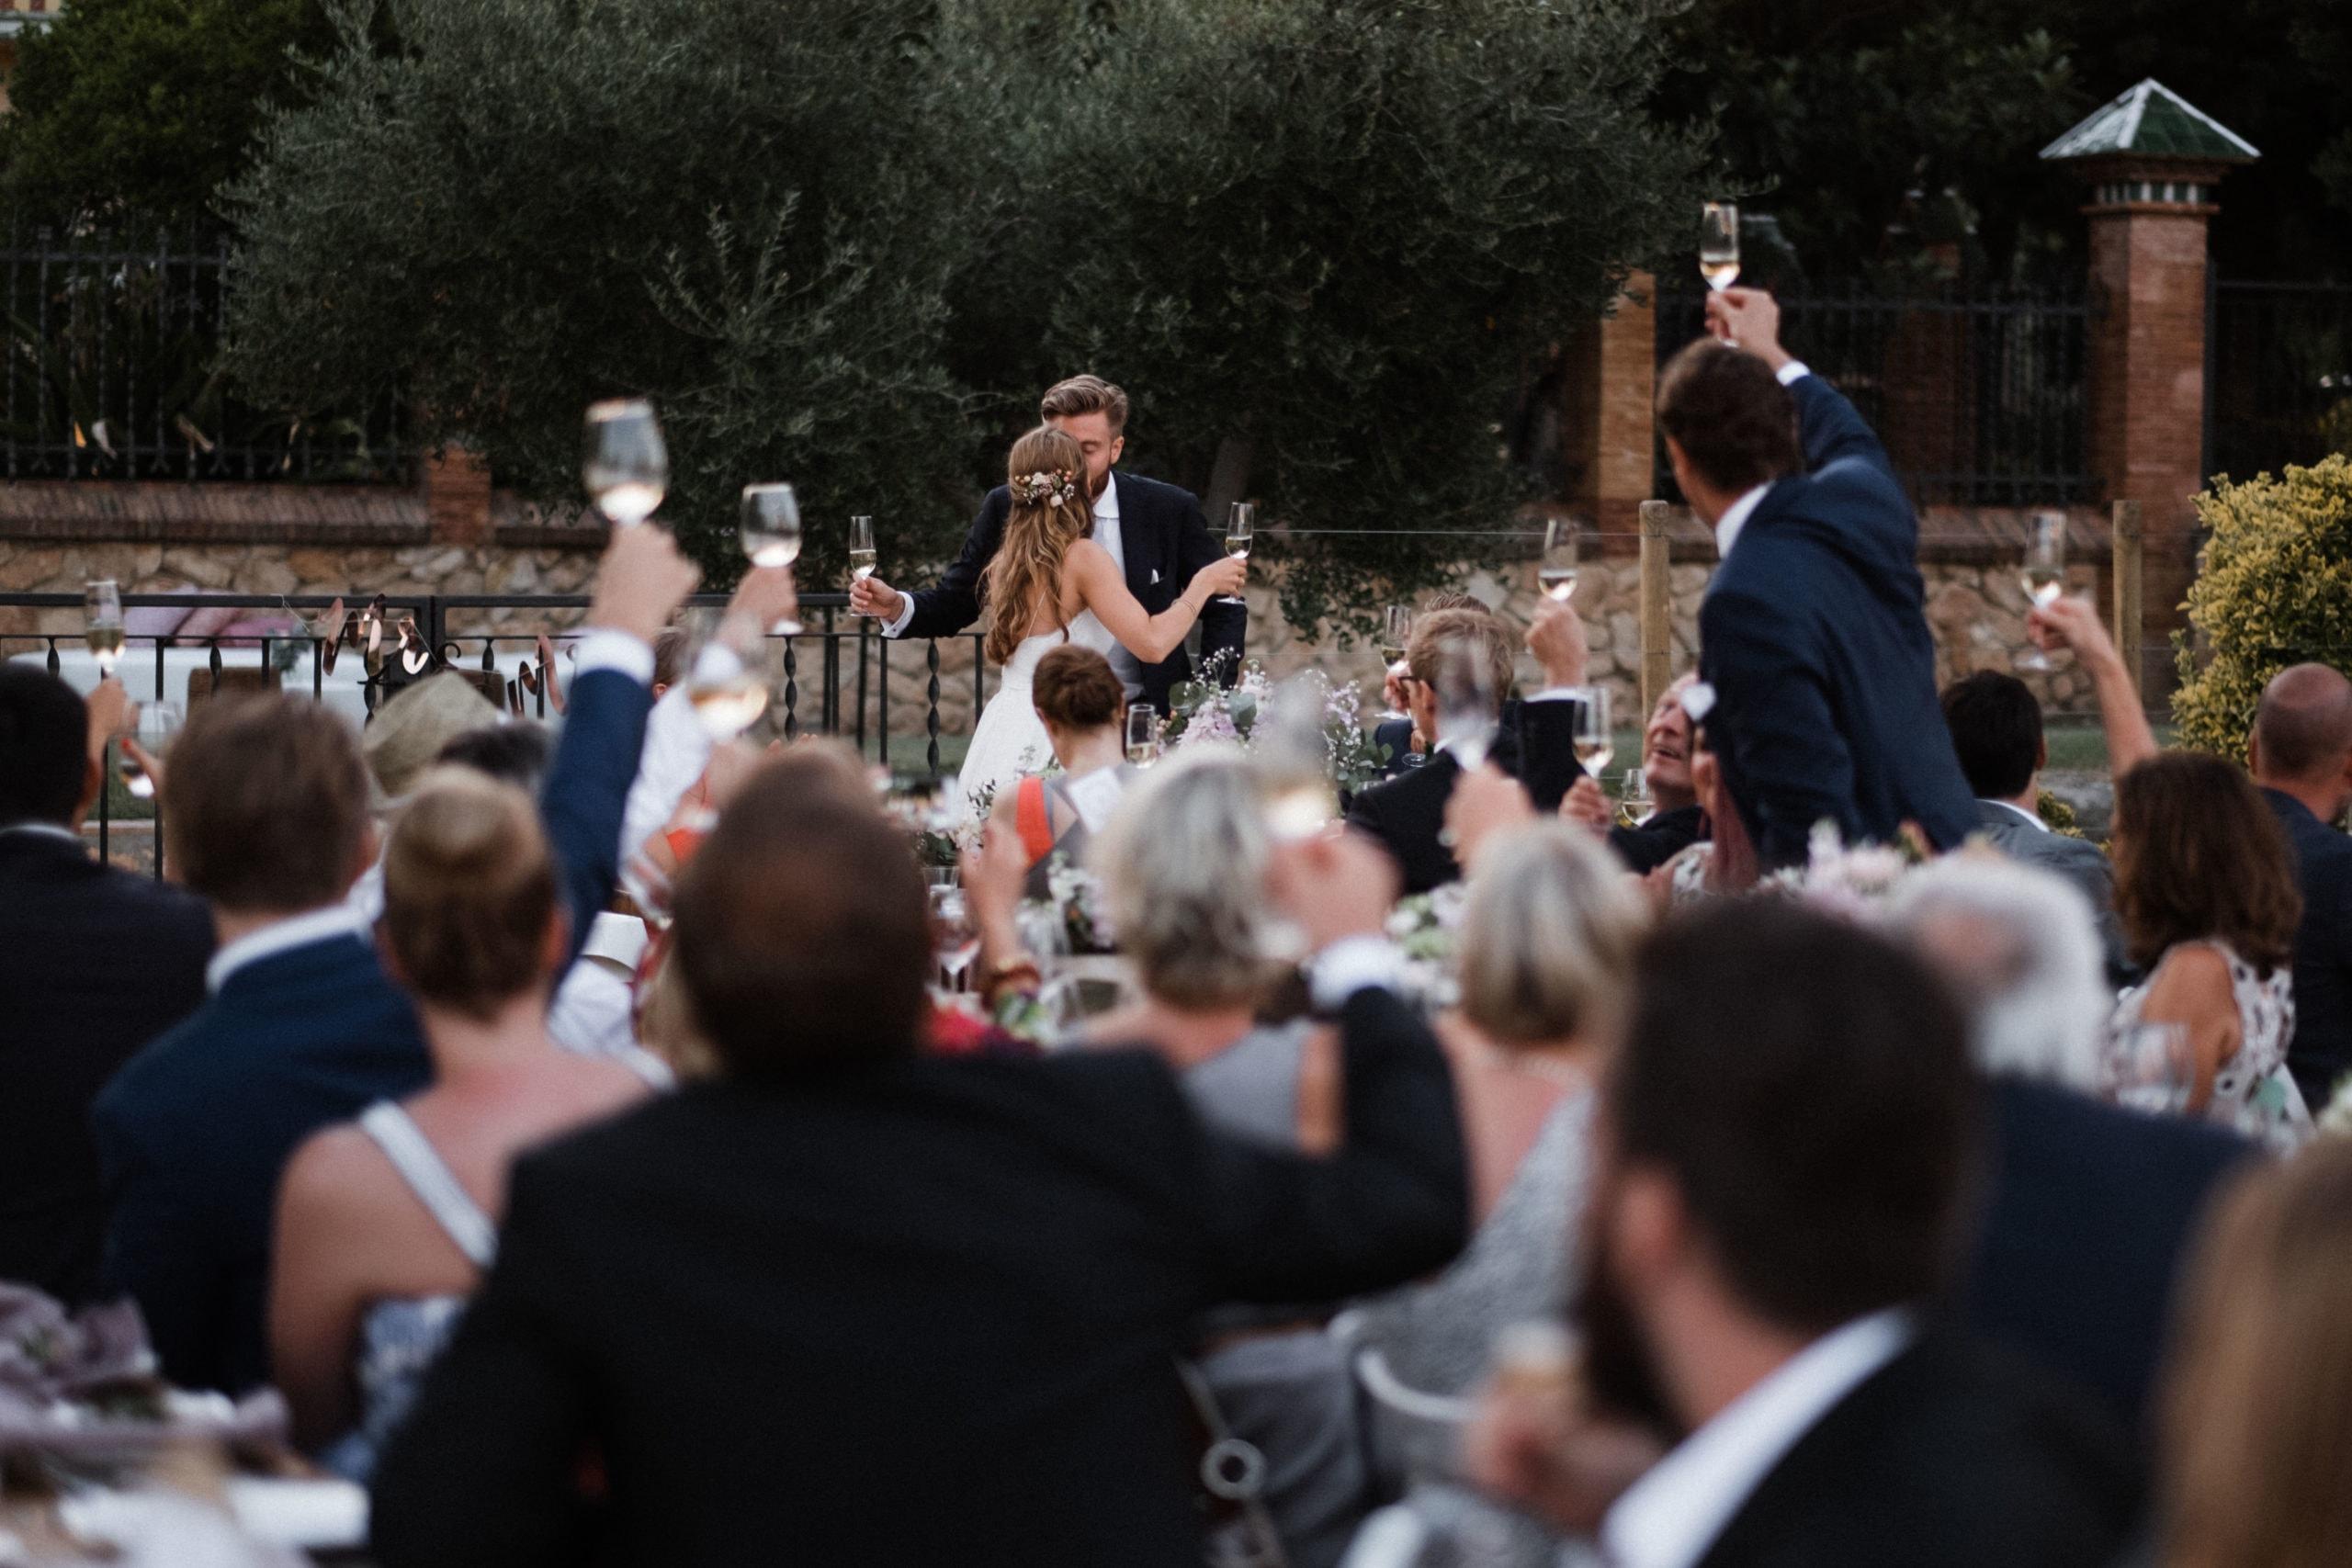 das Brautpaar küsst sich vor seinen Gästen, sie stehen in dem Garten eines Weingut in Barcelona, die Gäste heben ihre Gläser in die Luft